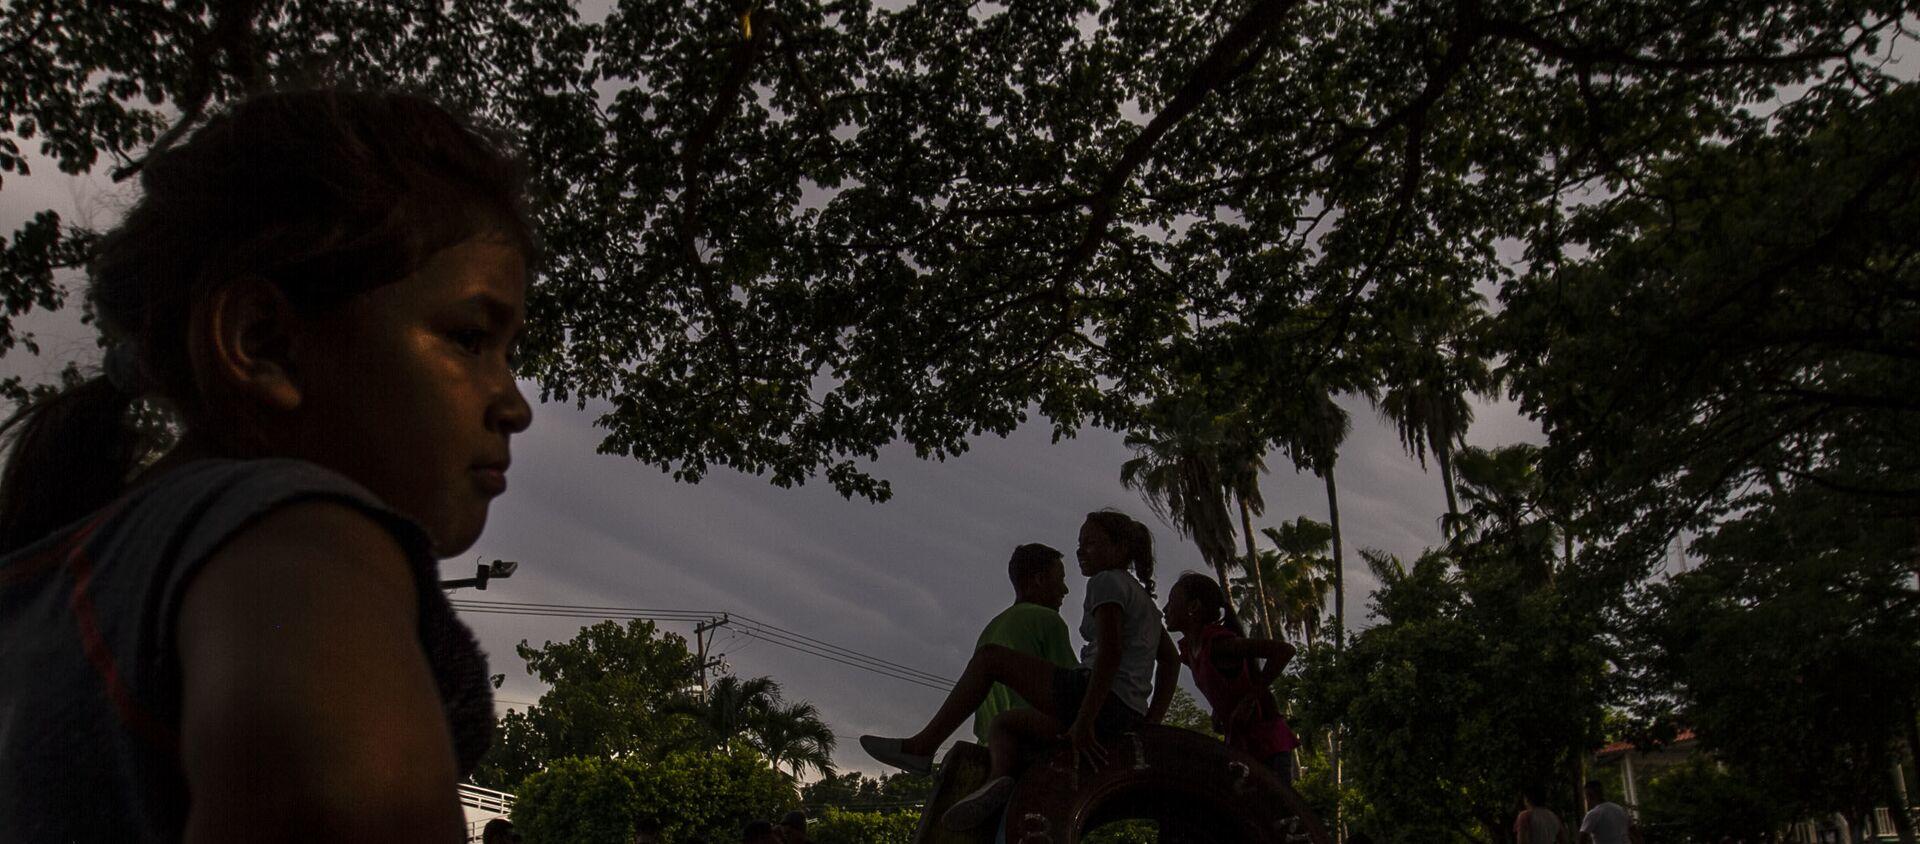 Con más de tres semanas en espera en la resolución de solicitud de refugio en México, migrantes centroamericanos permanecen en la calle durante el día internacional de las personas refugiadas, archivo, 2019. - Sputnik Mundo, 1920, 28.01.2021